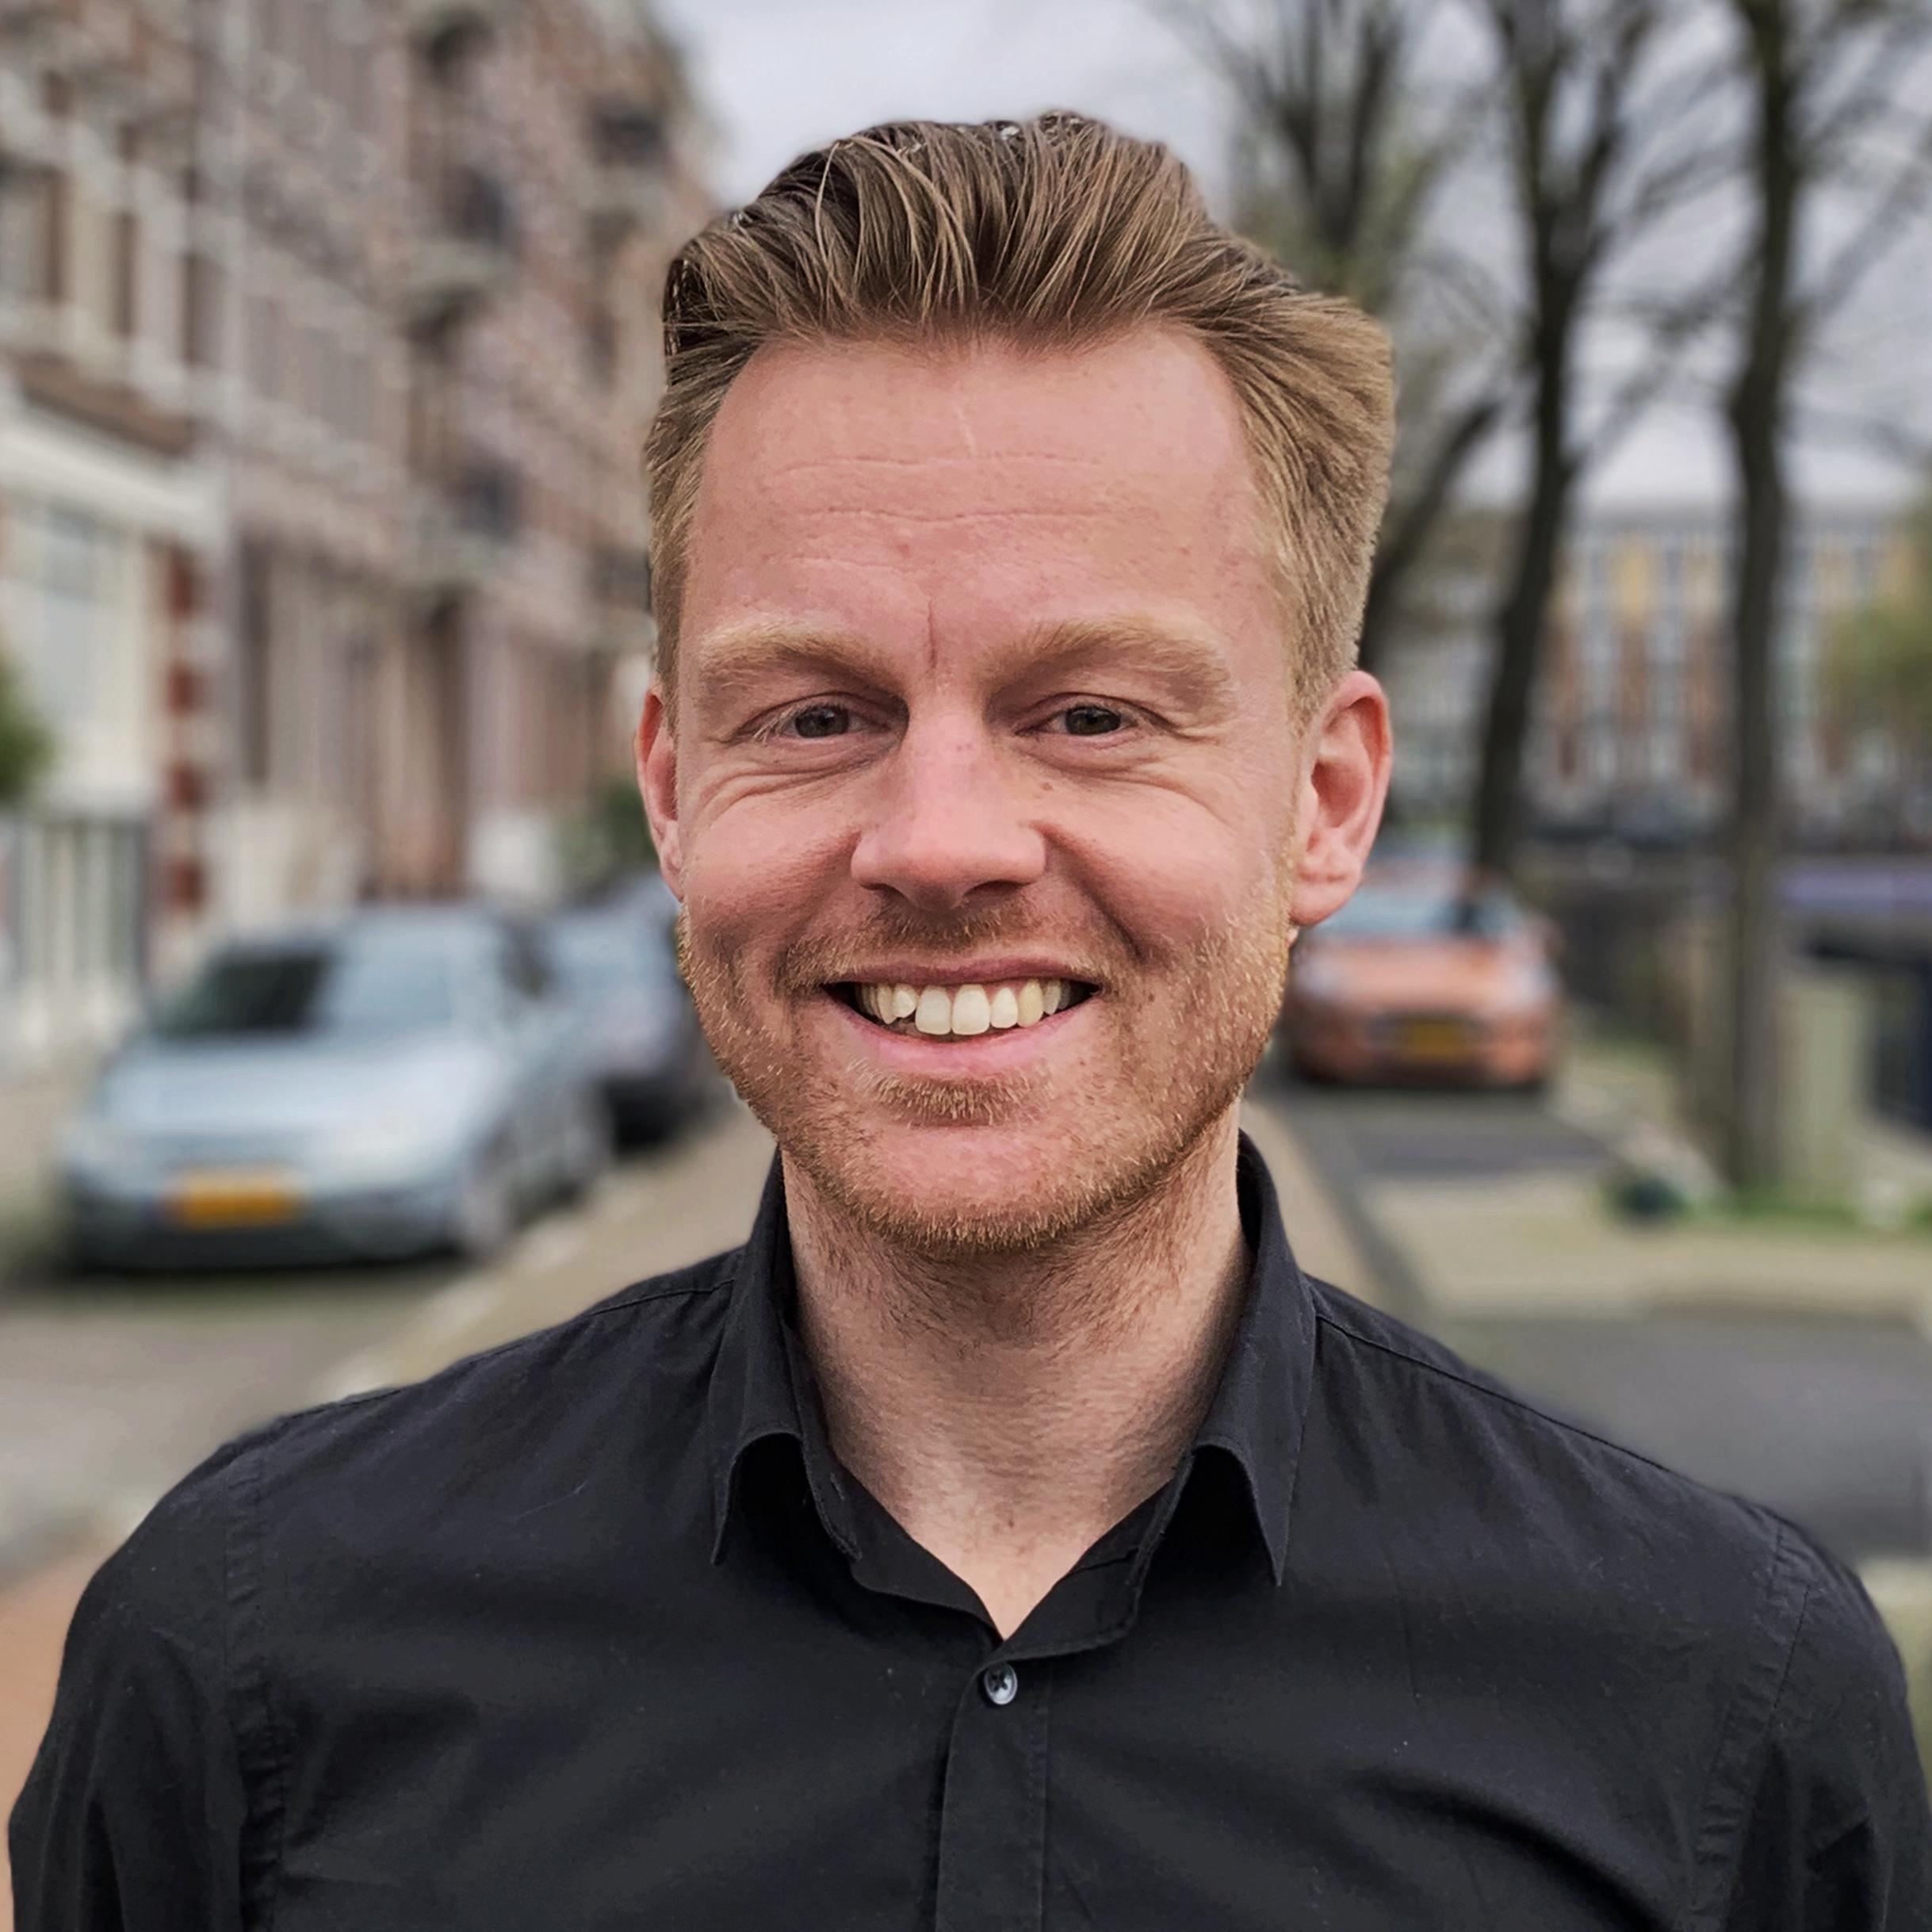 Stefan Meilink